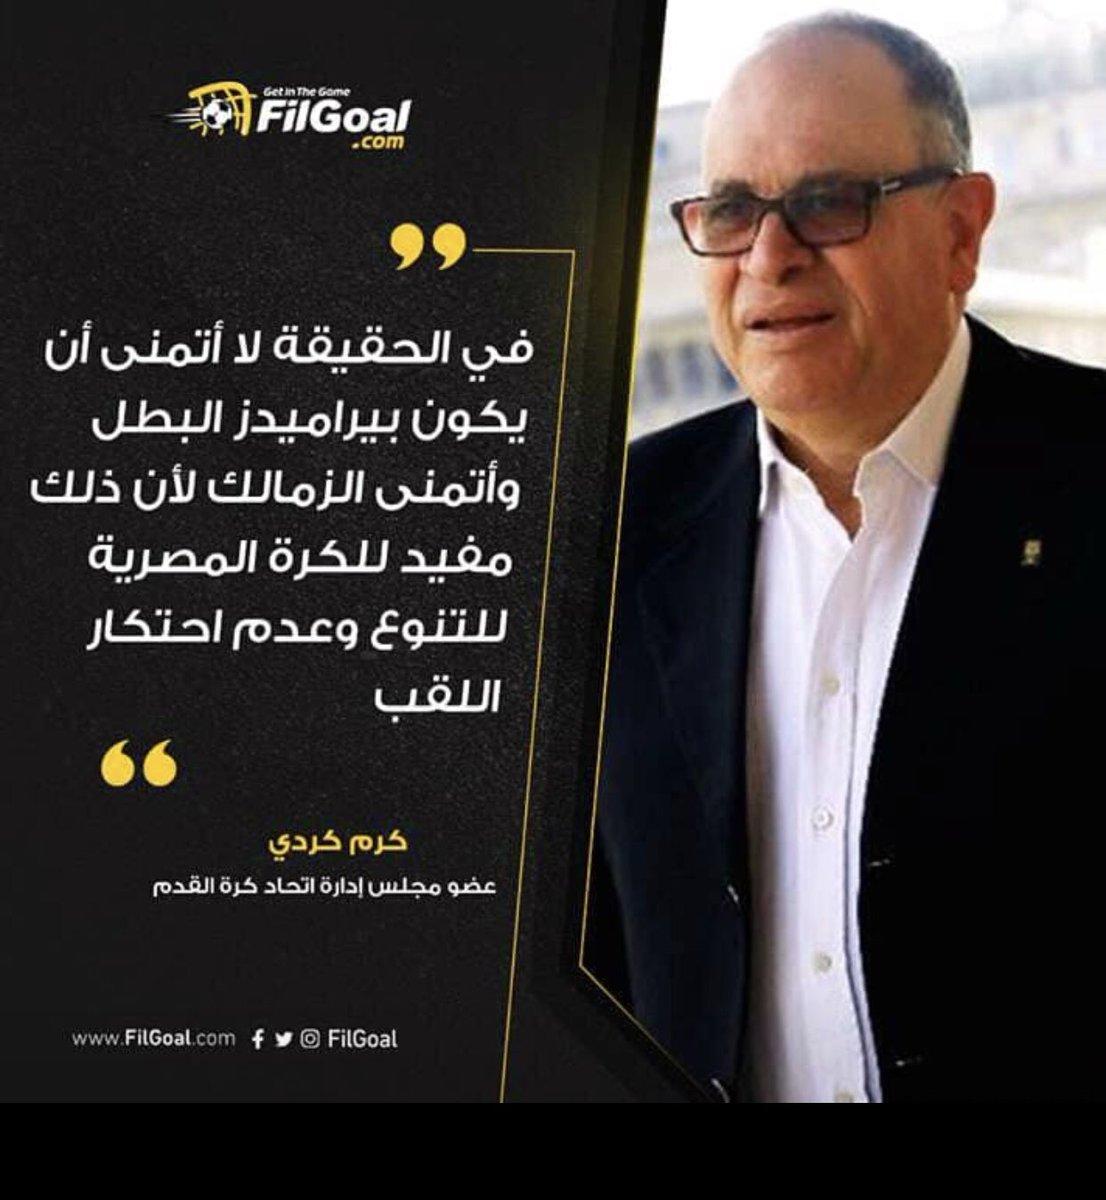 تخايلوا حضراتكم دا رأي عضو مجلس اداراه في اتحاد الكره !!!